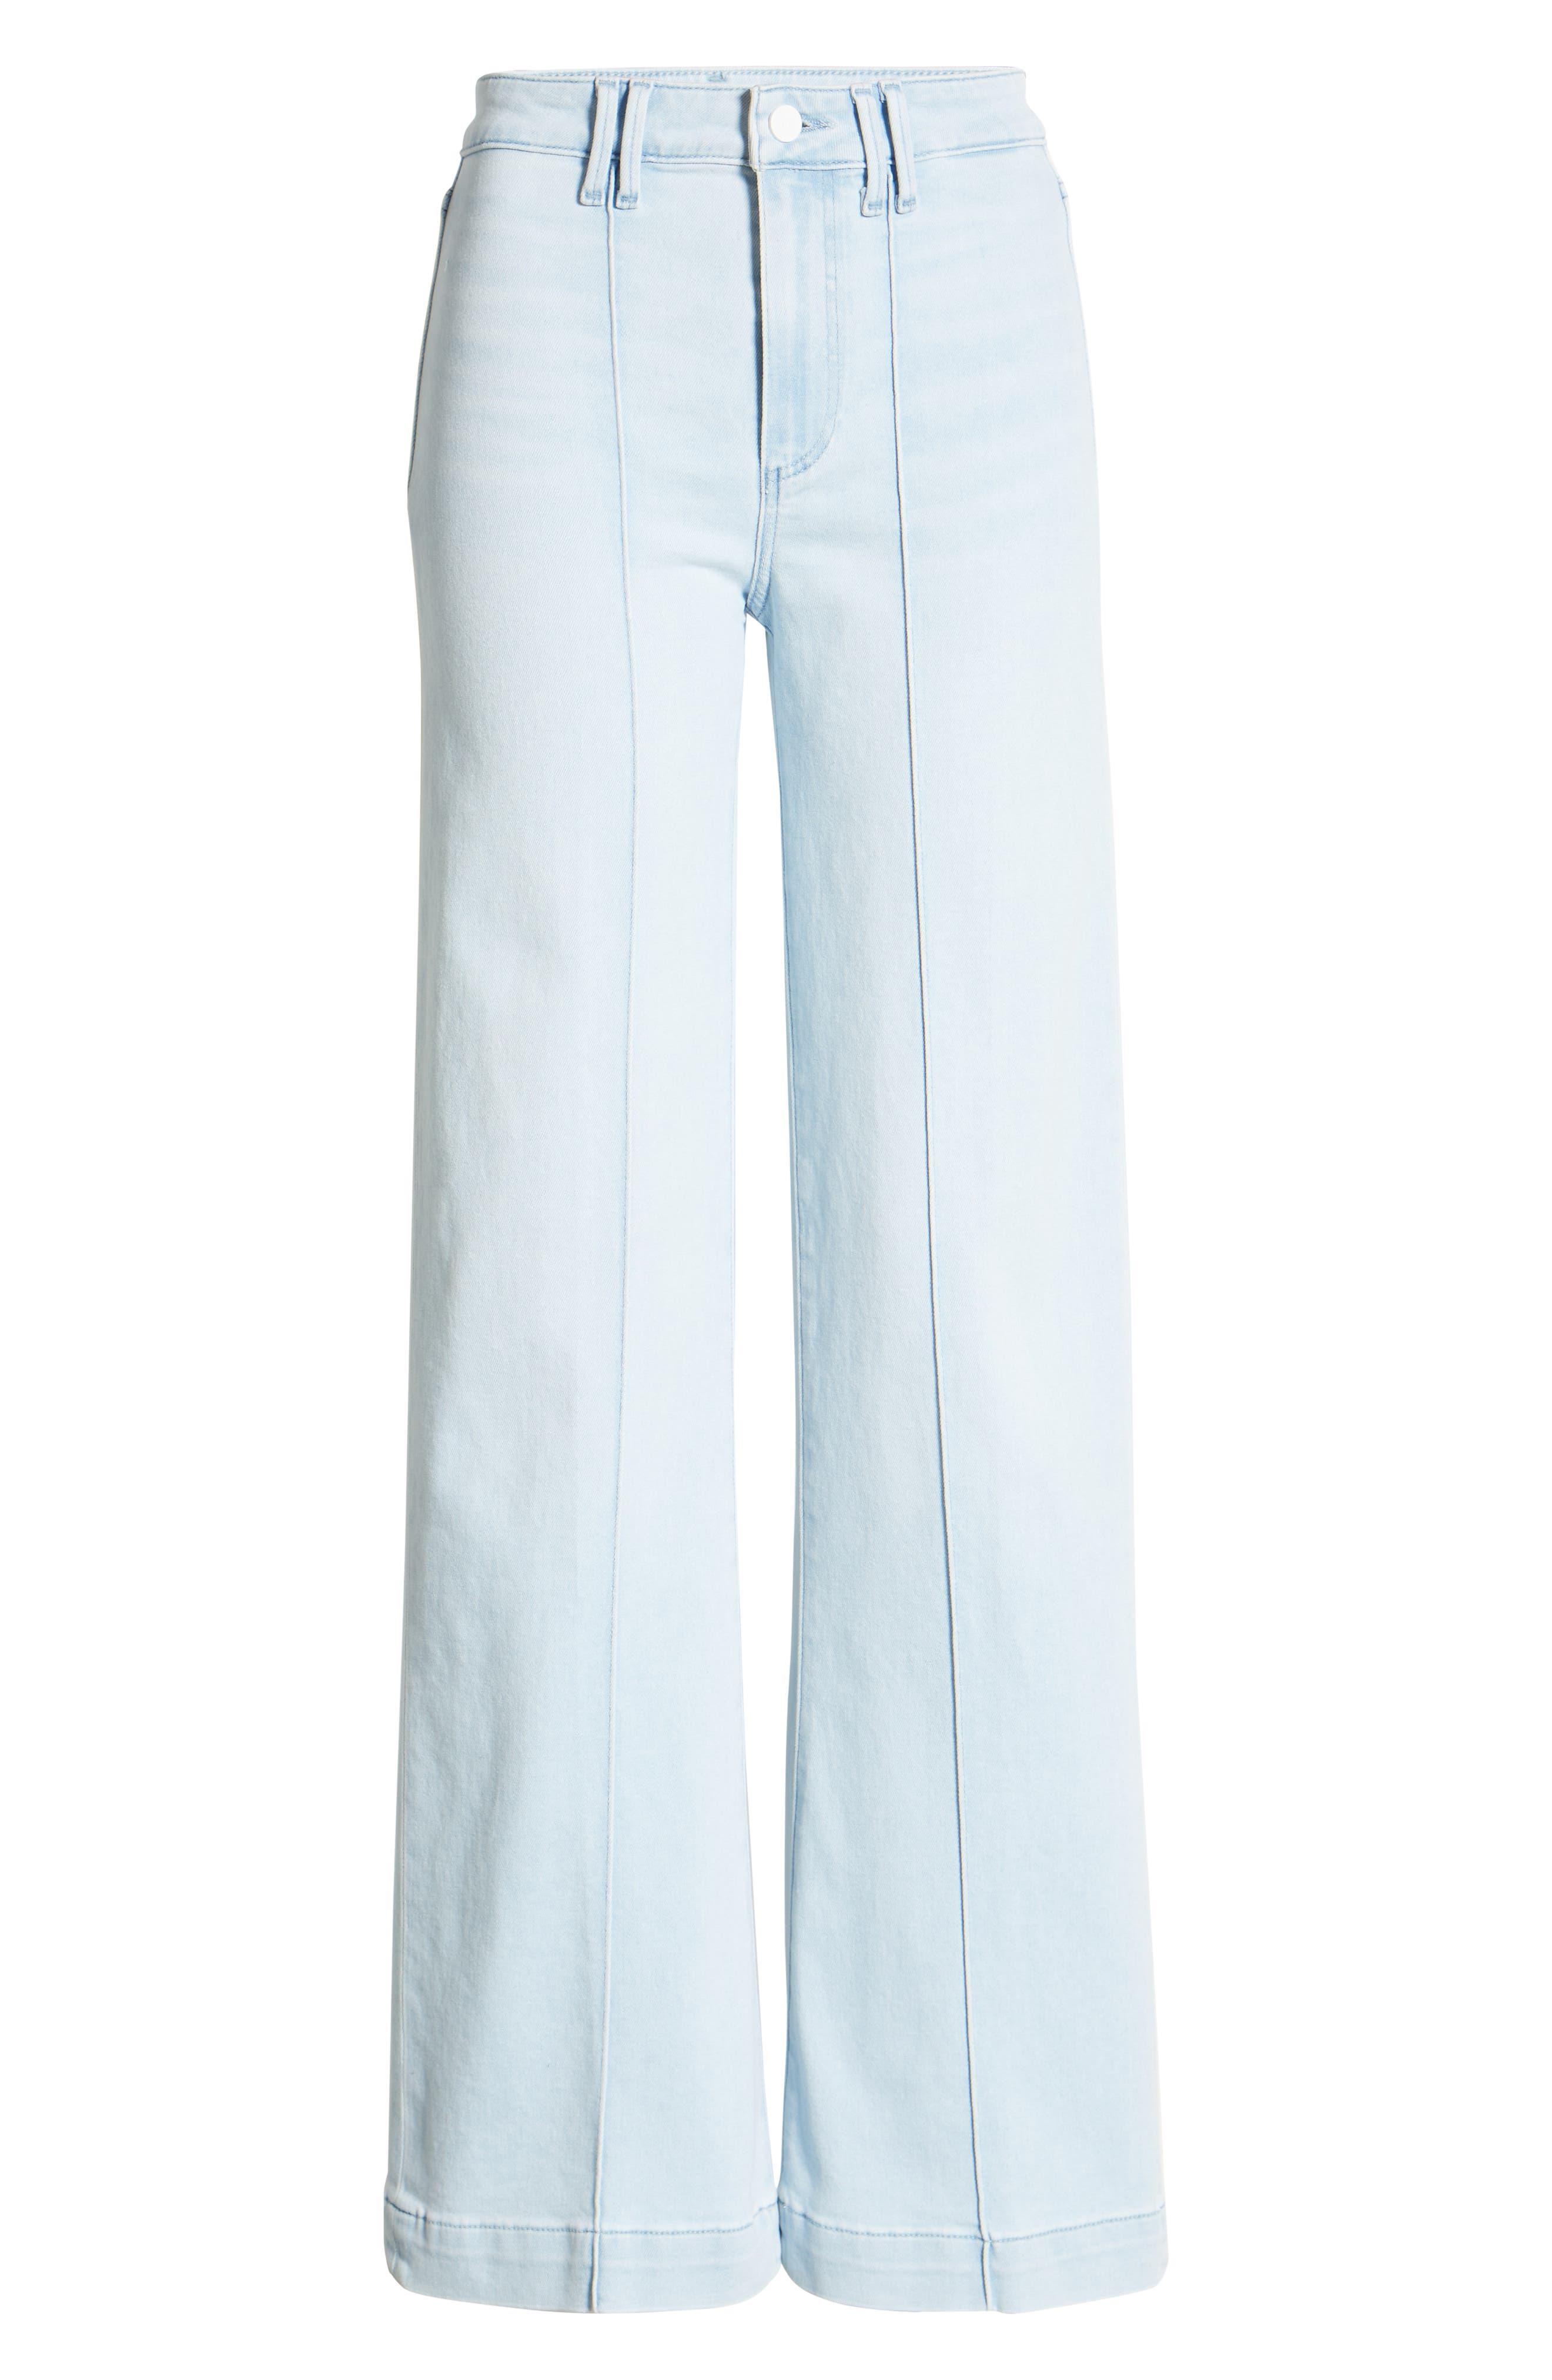 Women's Paige Leenah Pintuck High Waist Flare Jeans